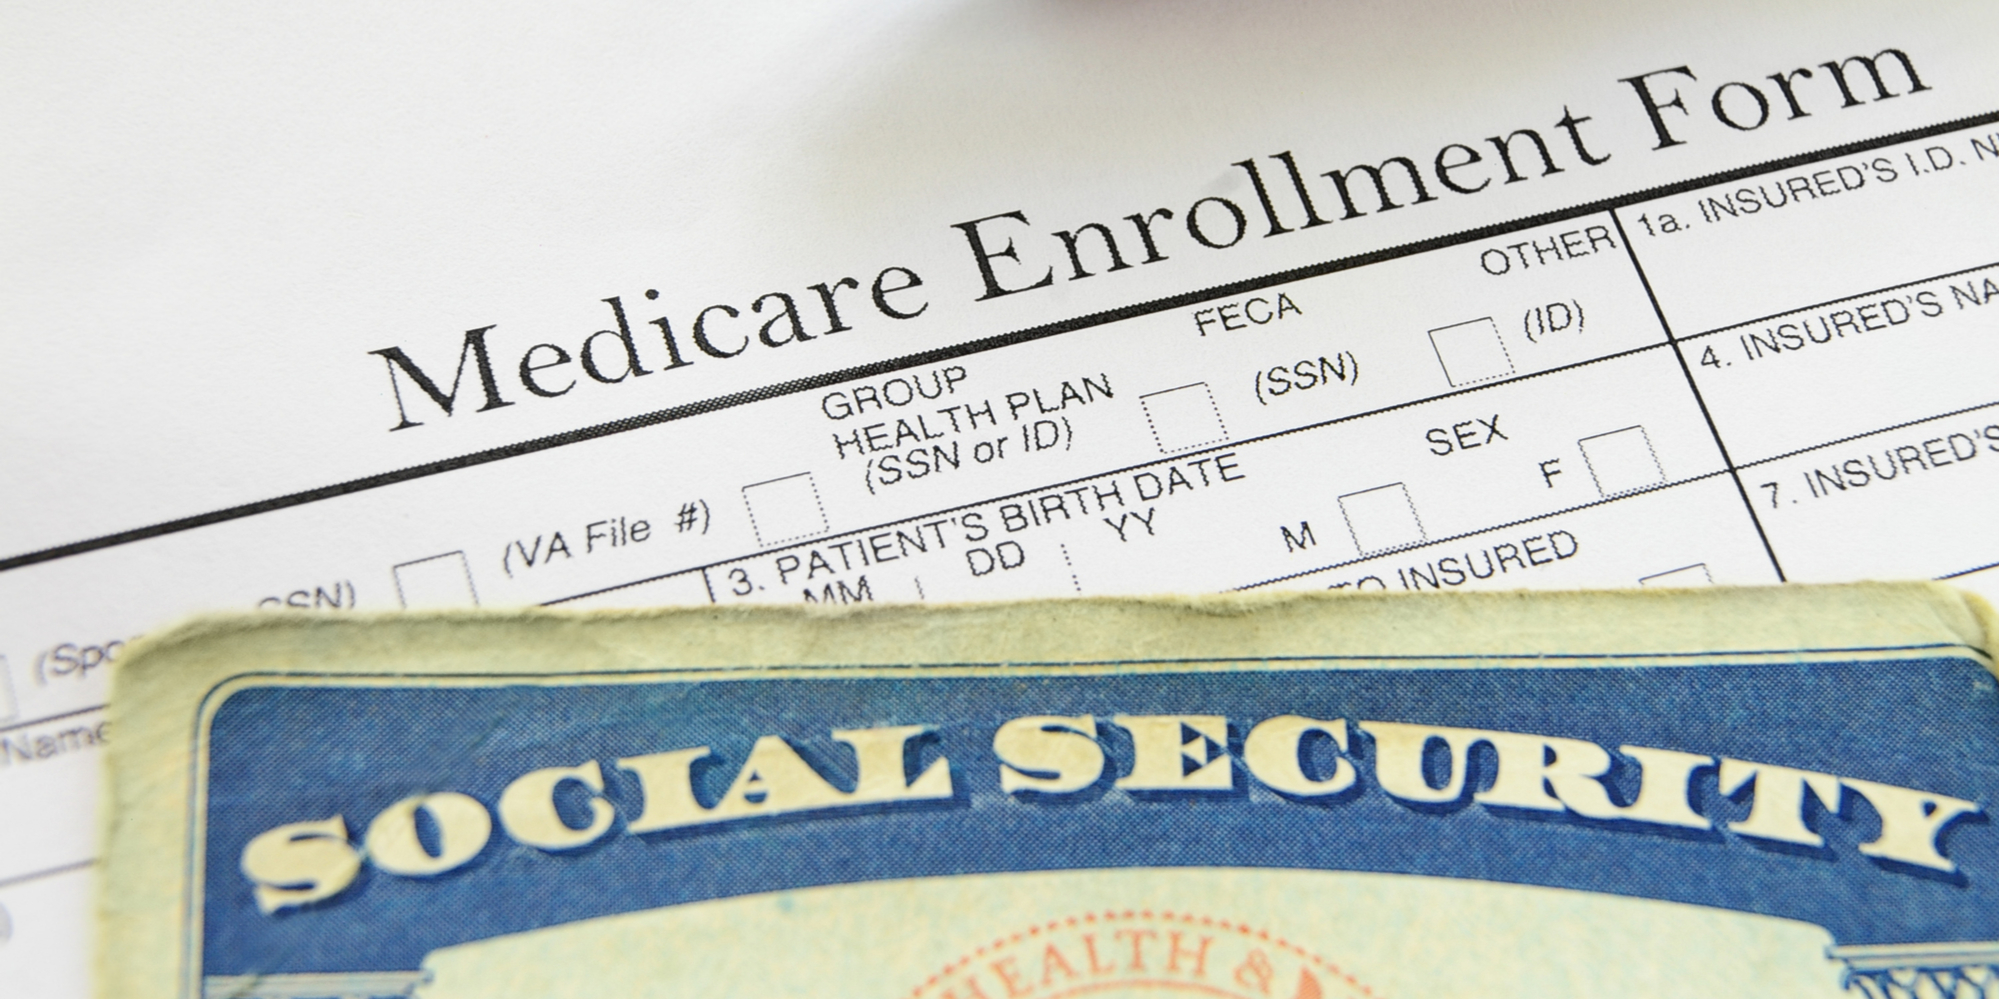 Medicaid treatment